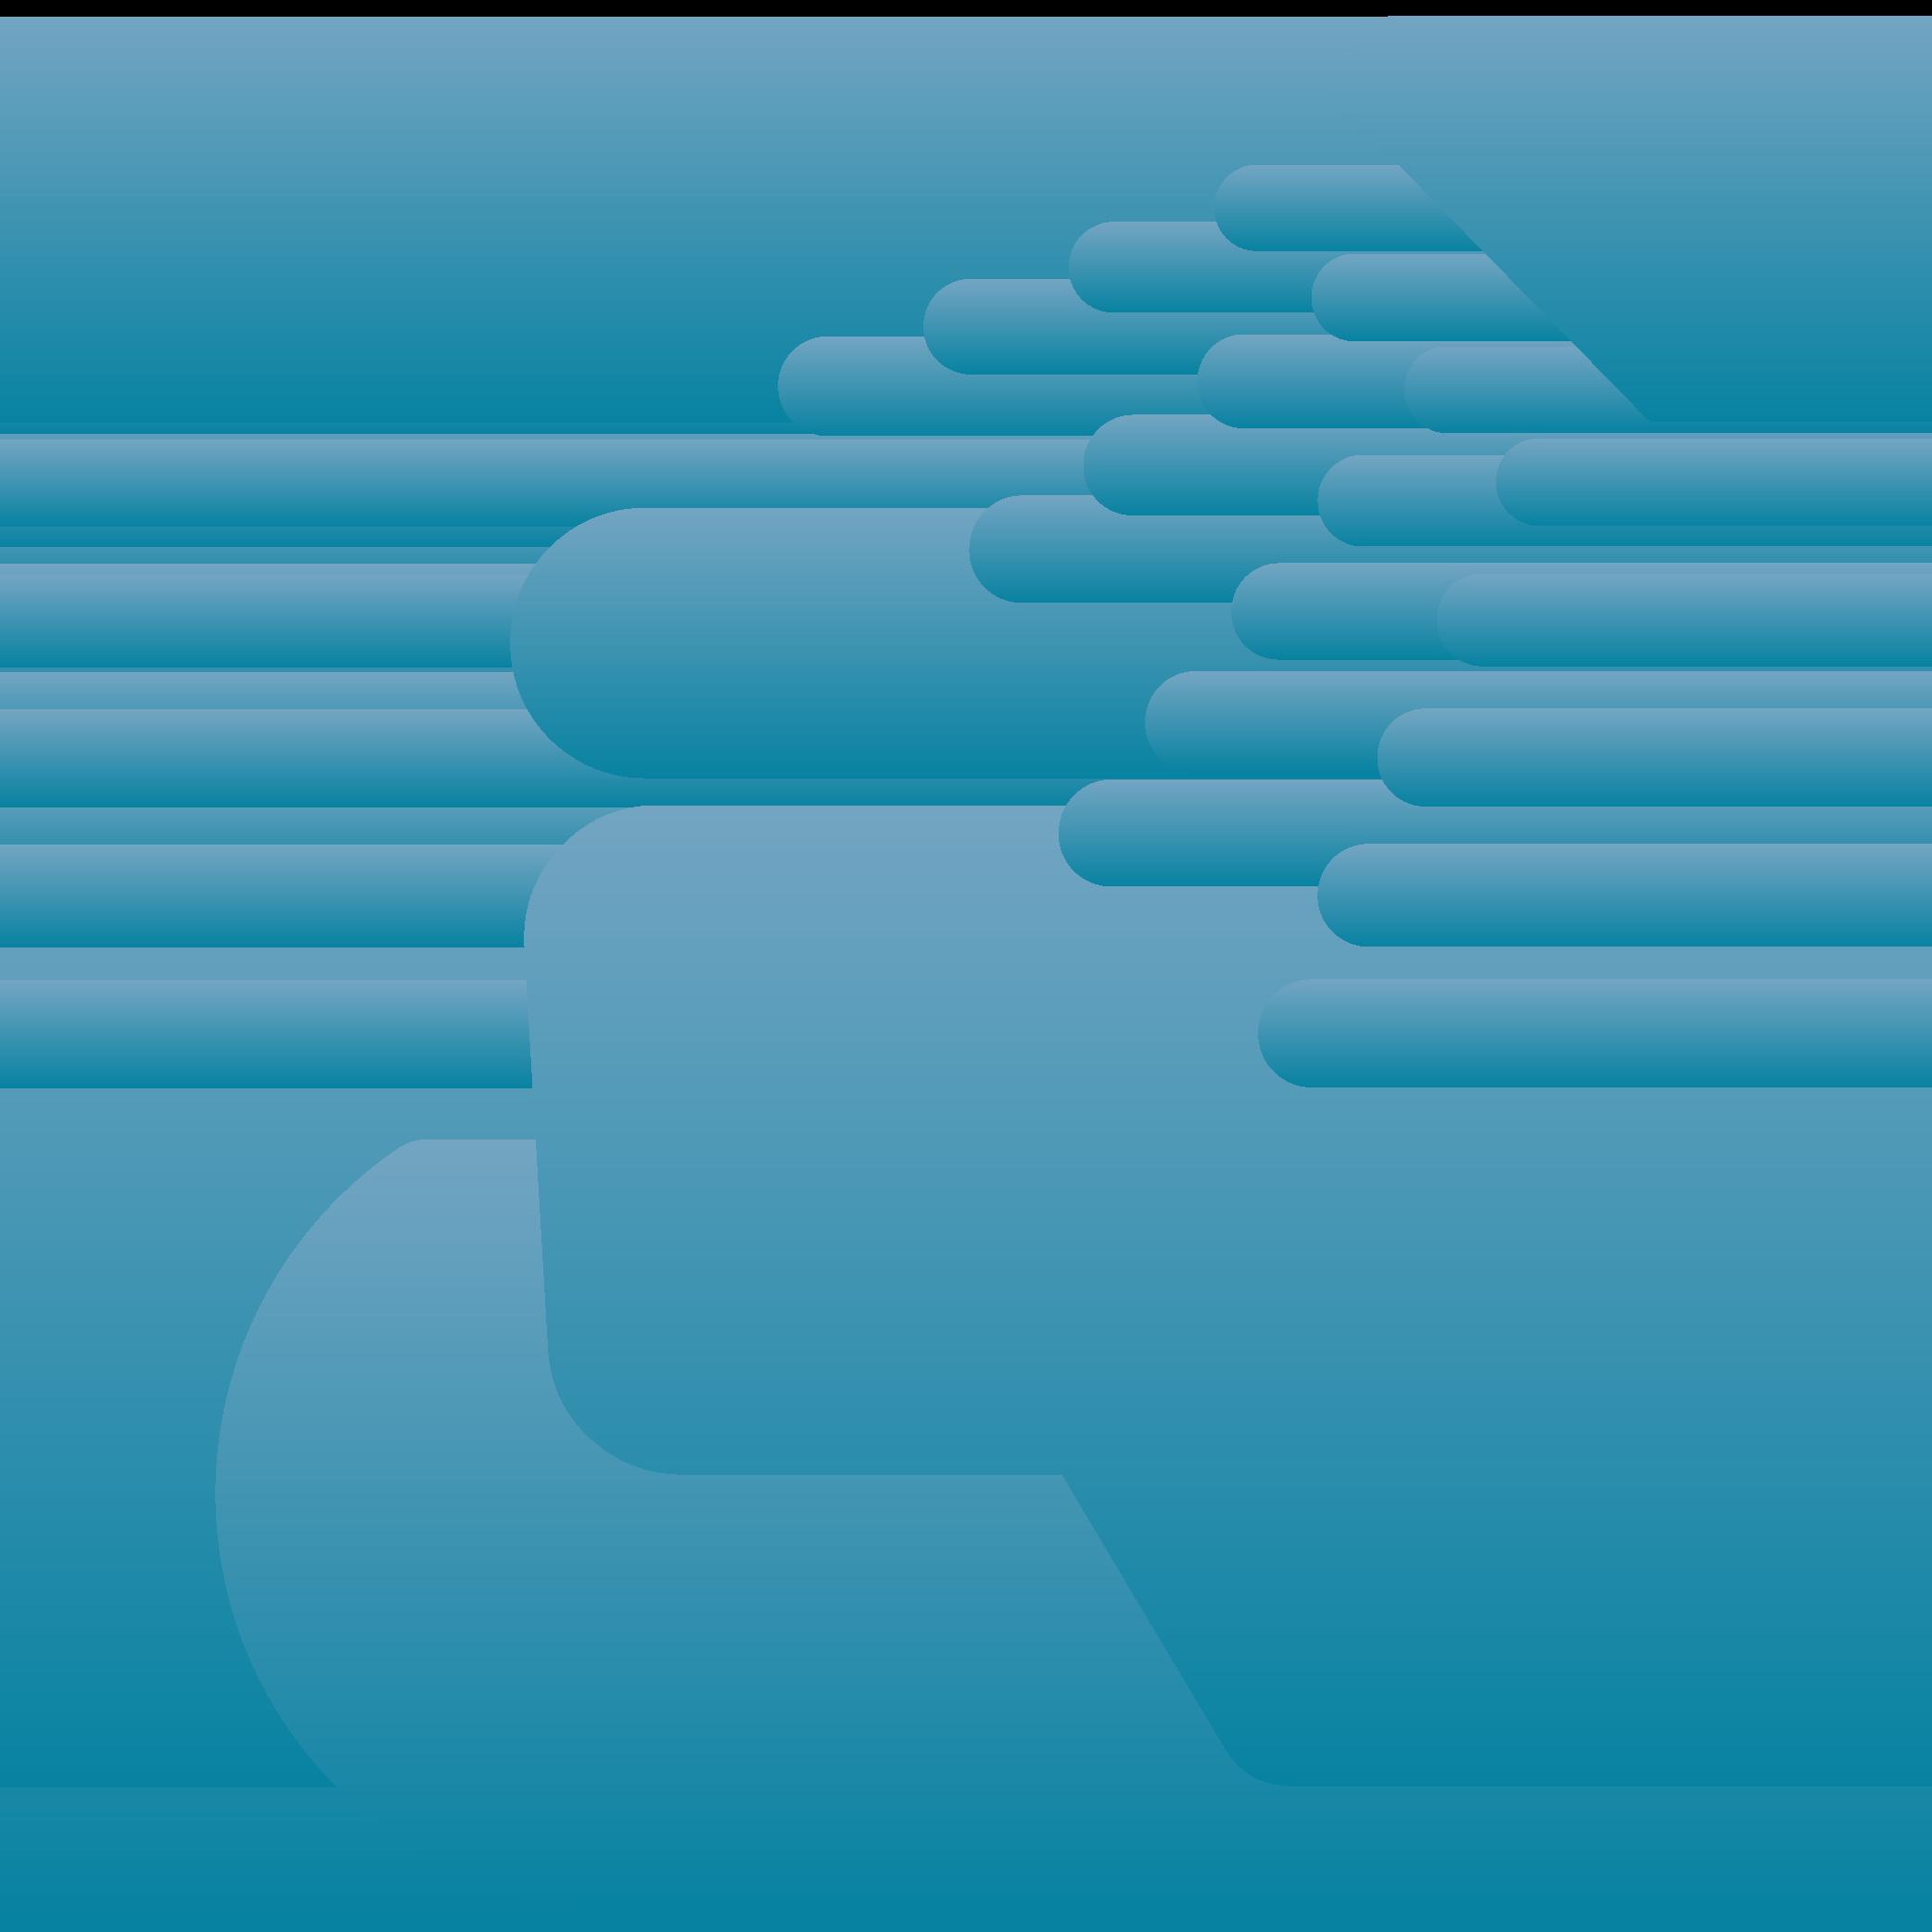 Männchen im Rollstuhl unter einer Duschbrause.